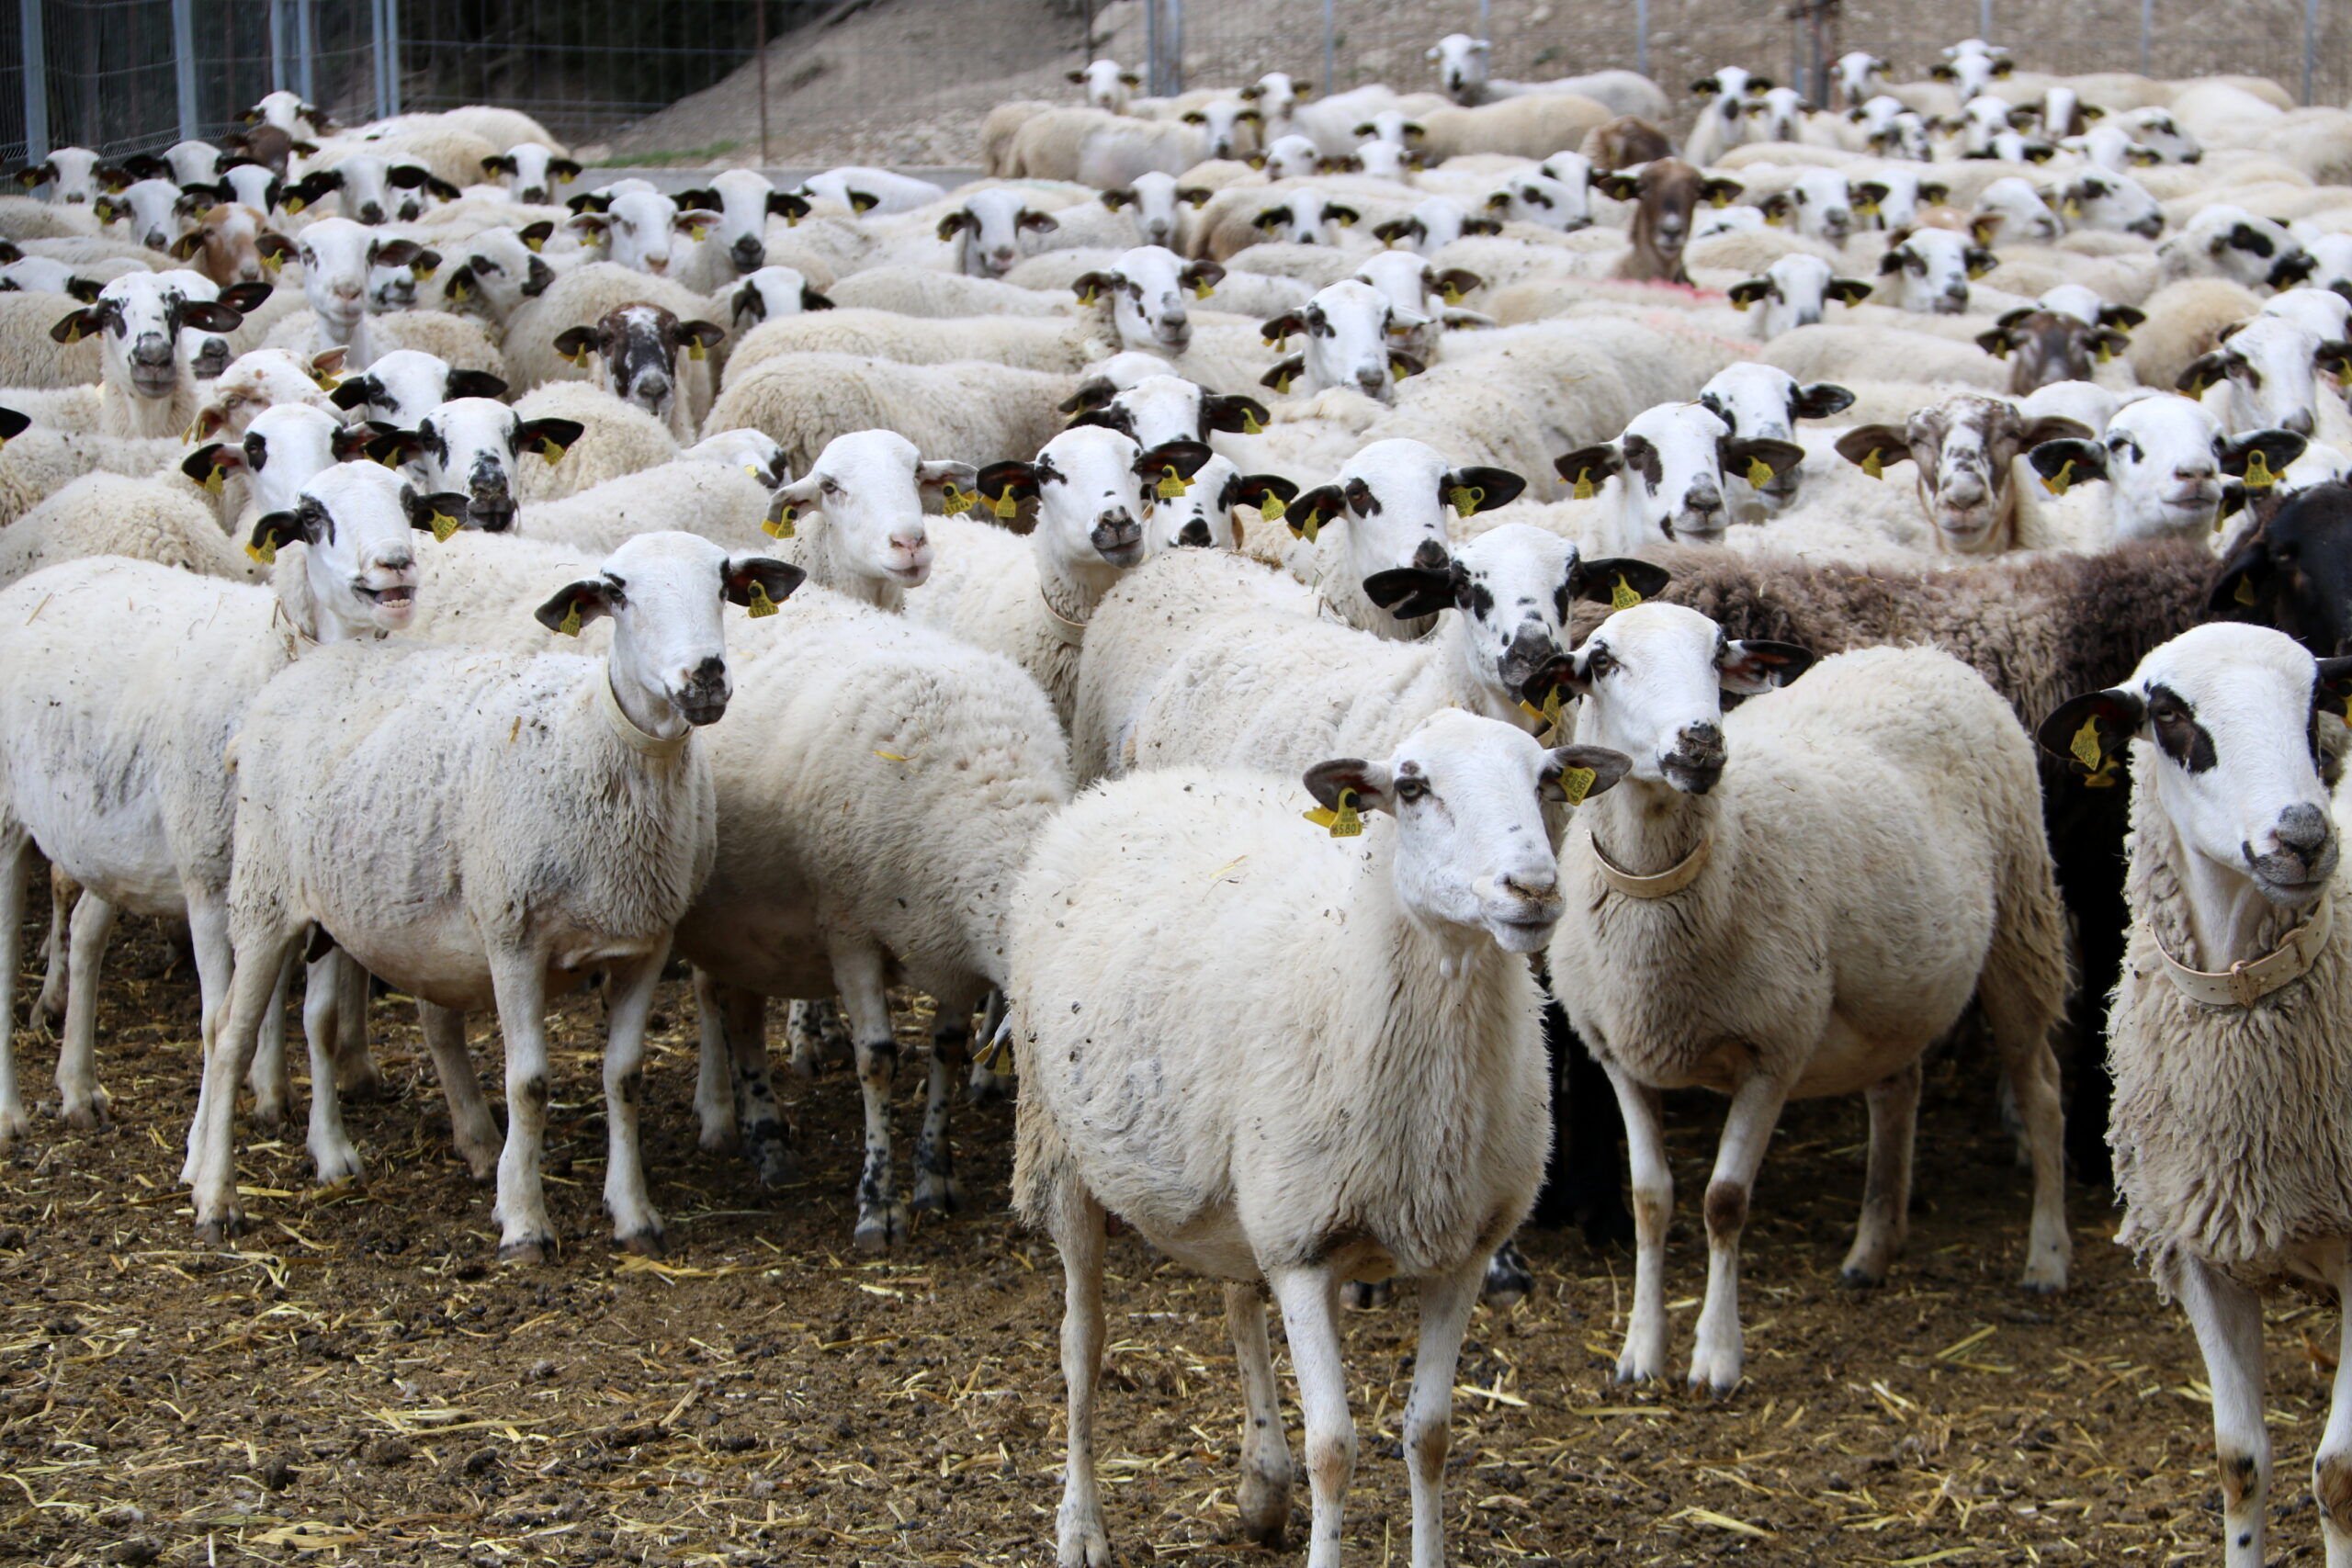 Un ramat d'ovelles d'una explotació ramadera de Sant Esteve de la Sarga, al Pallars Jussà | ACN